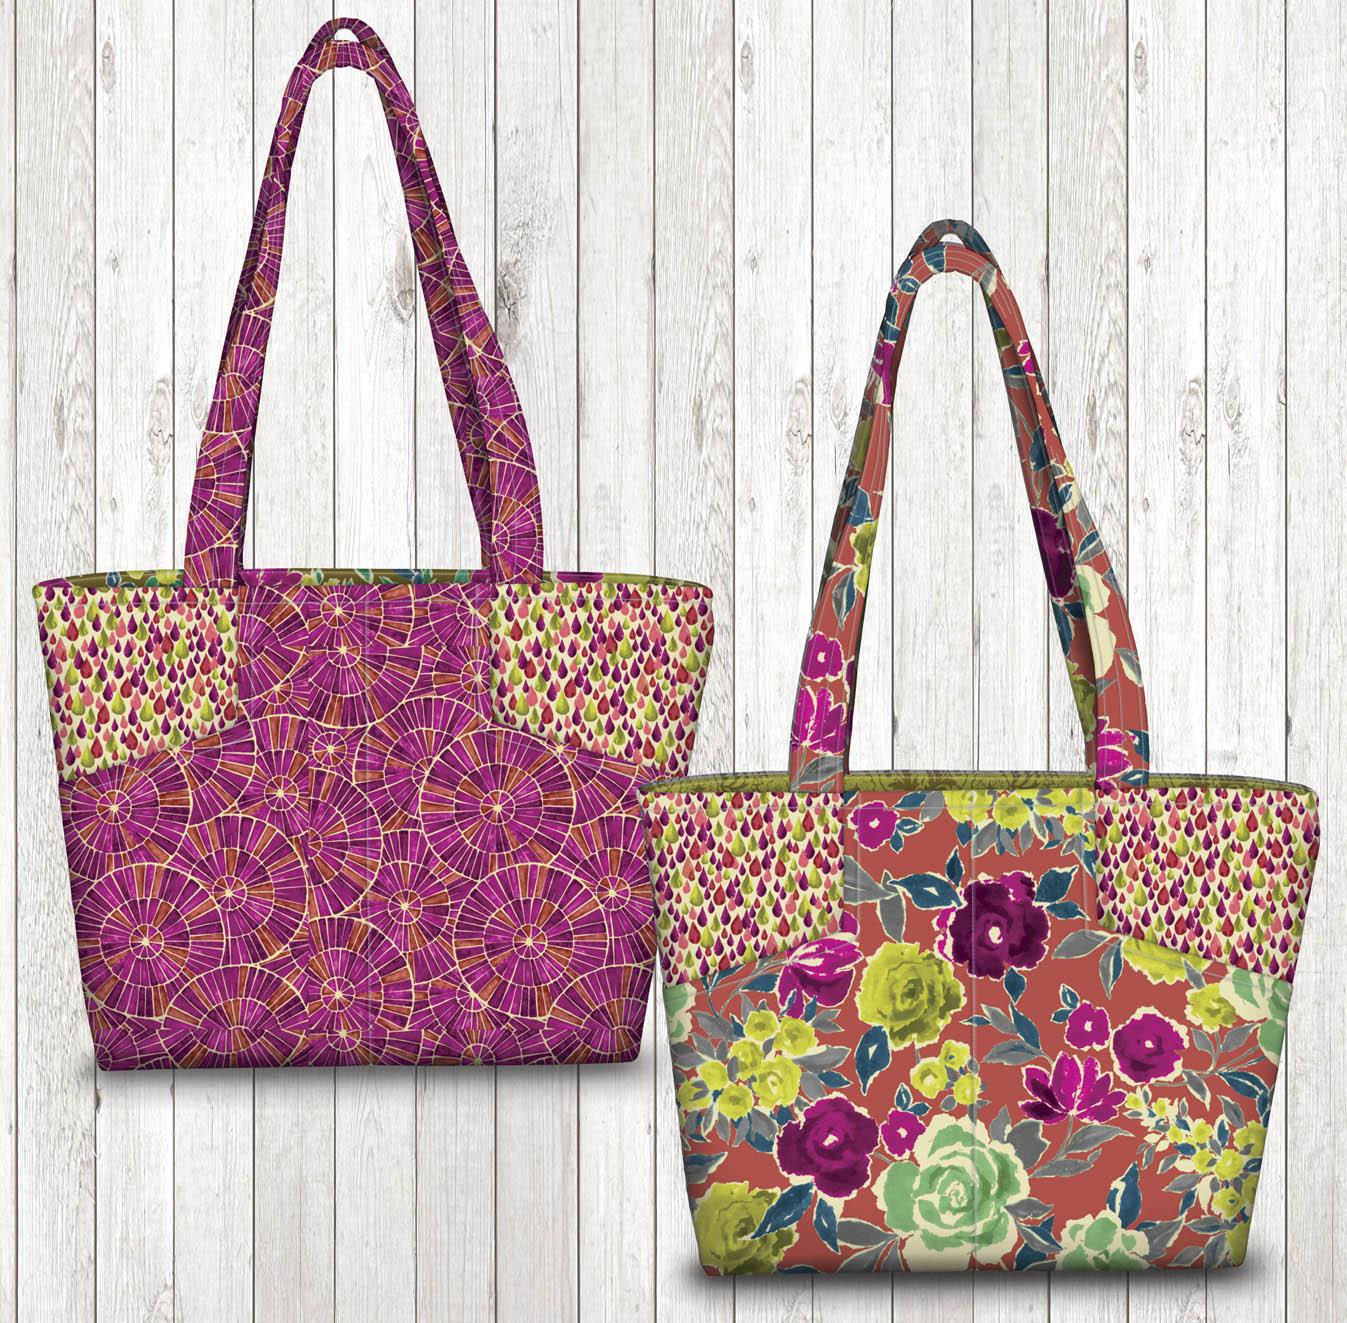 8c11fda0de06 Lazy Girl Designs 127 Margo Handbag Downloadable Pattern